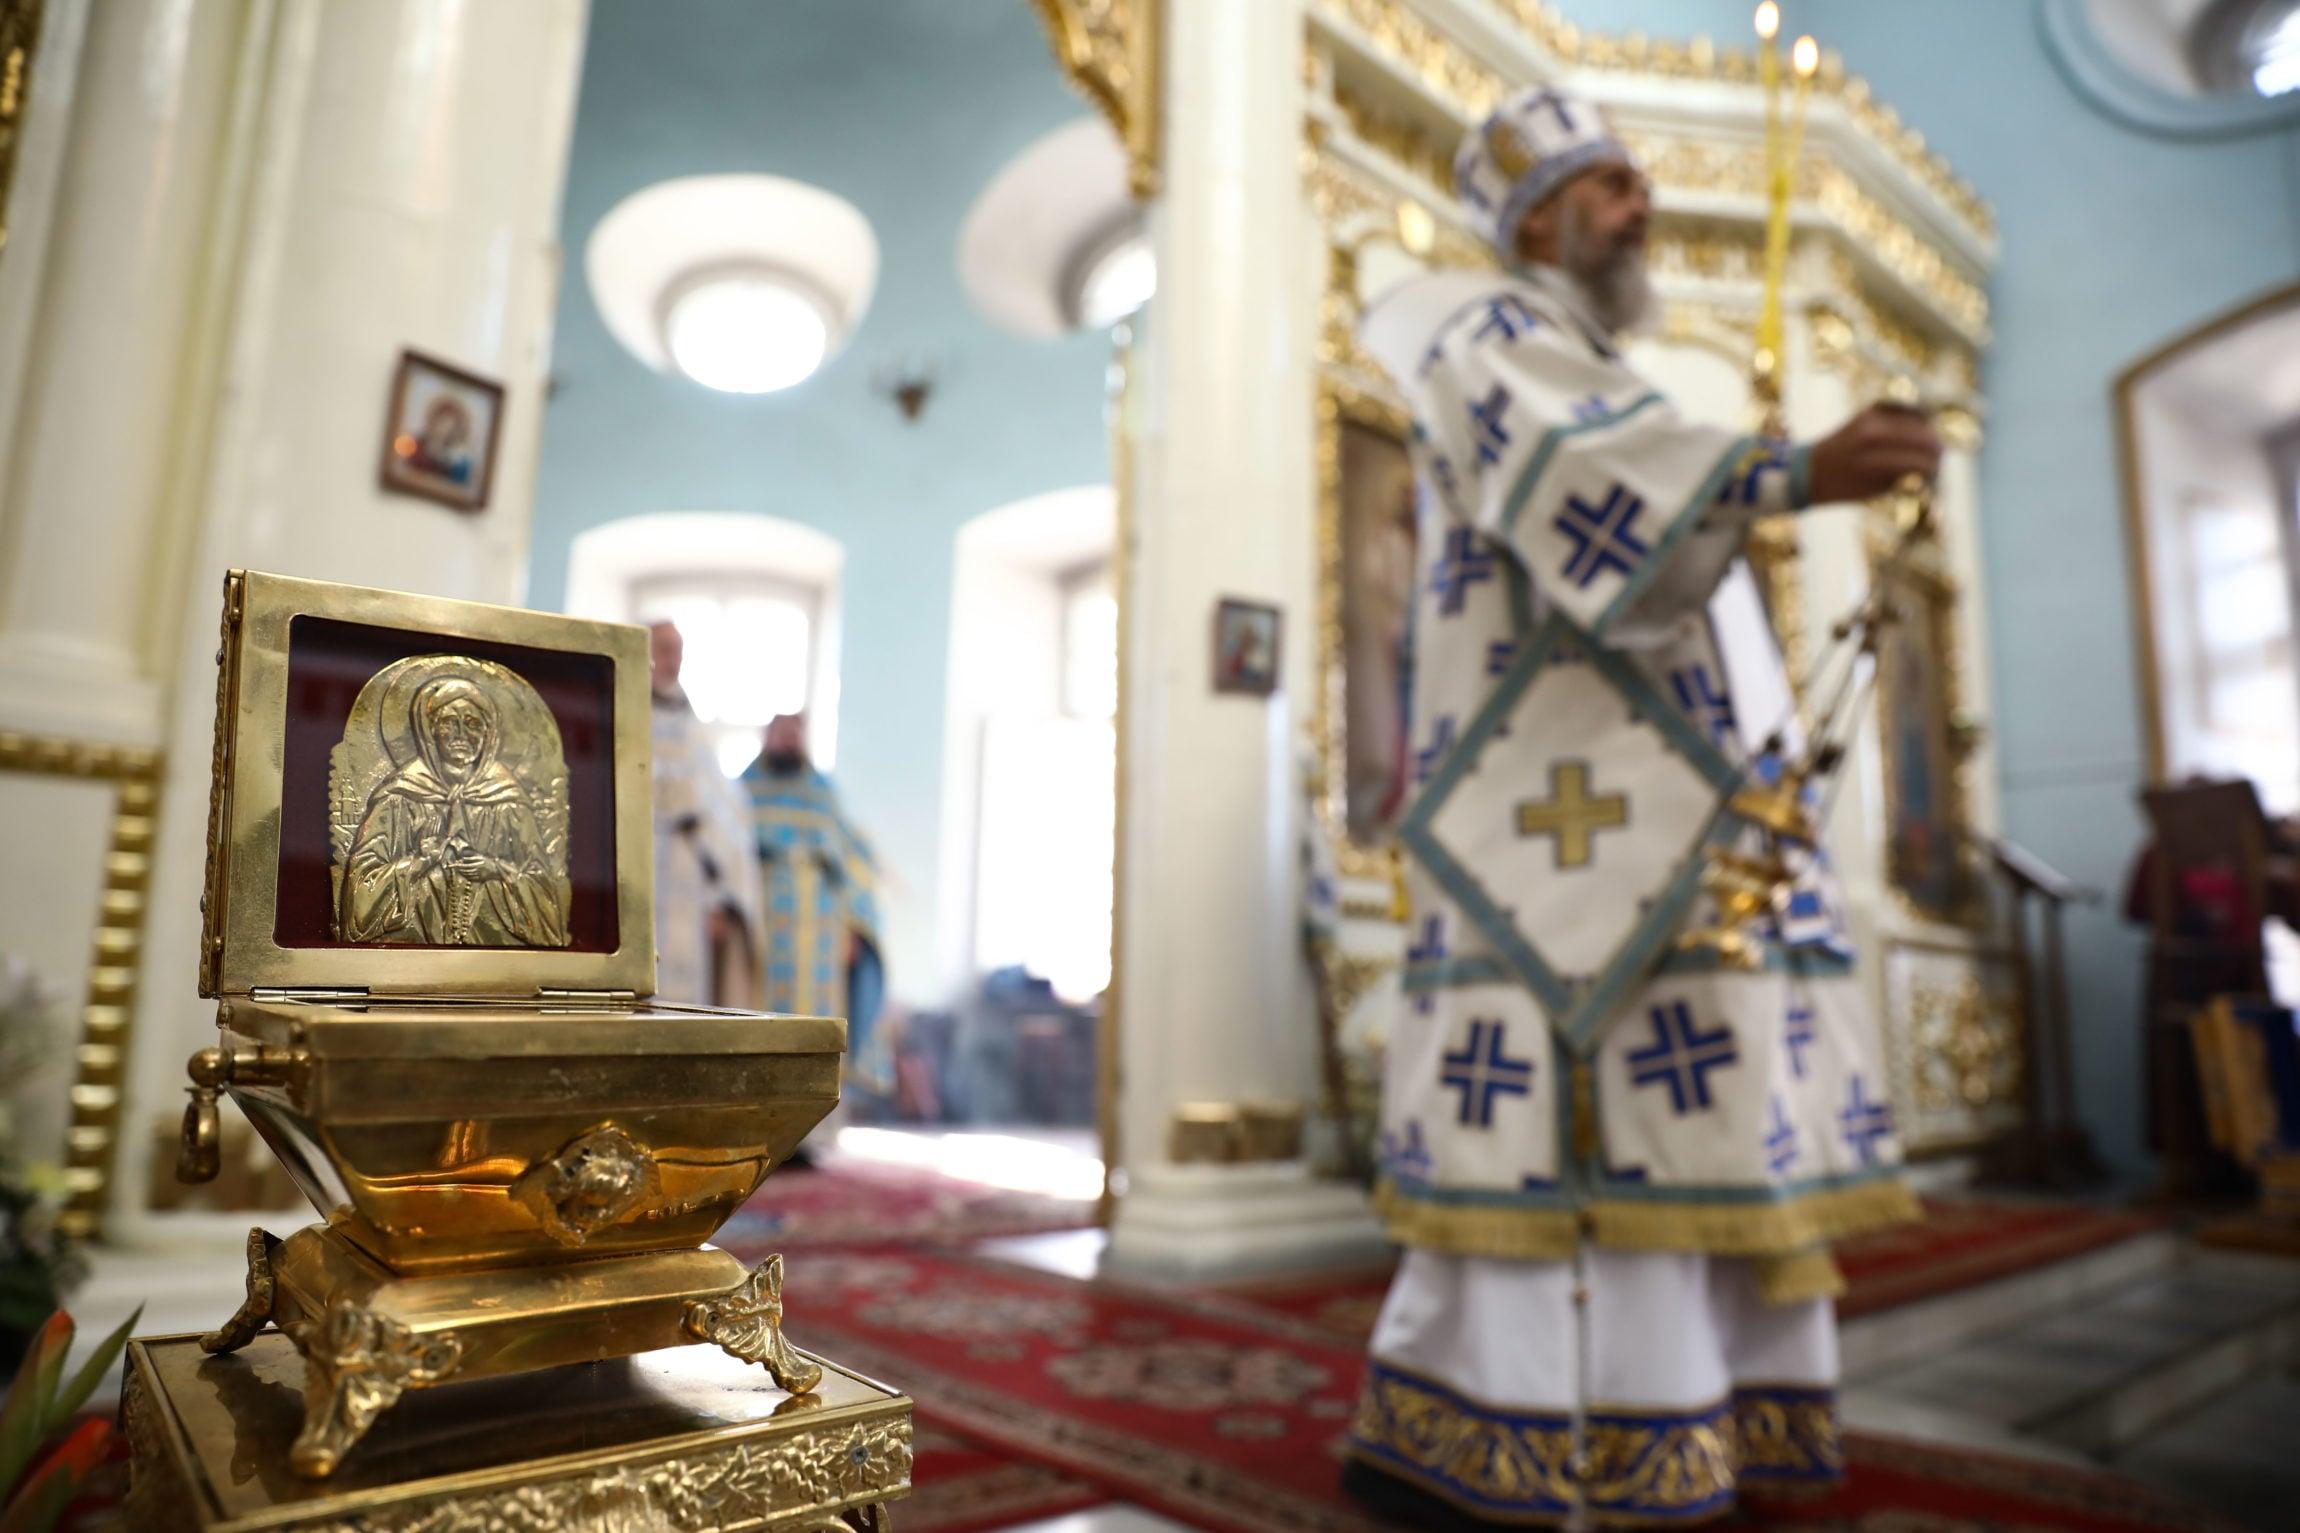 http://monuspen.ru/photoreports/300a33e78ae43bf112005df432bc34g5.jpg